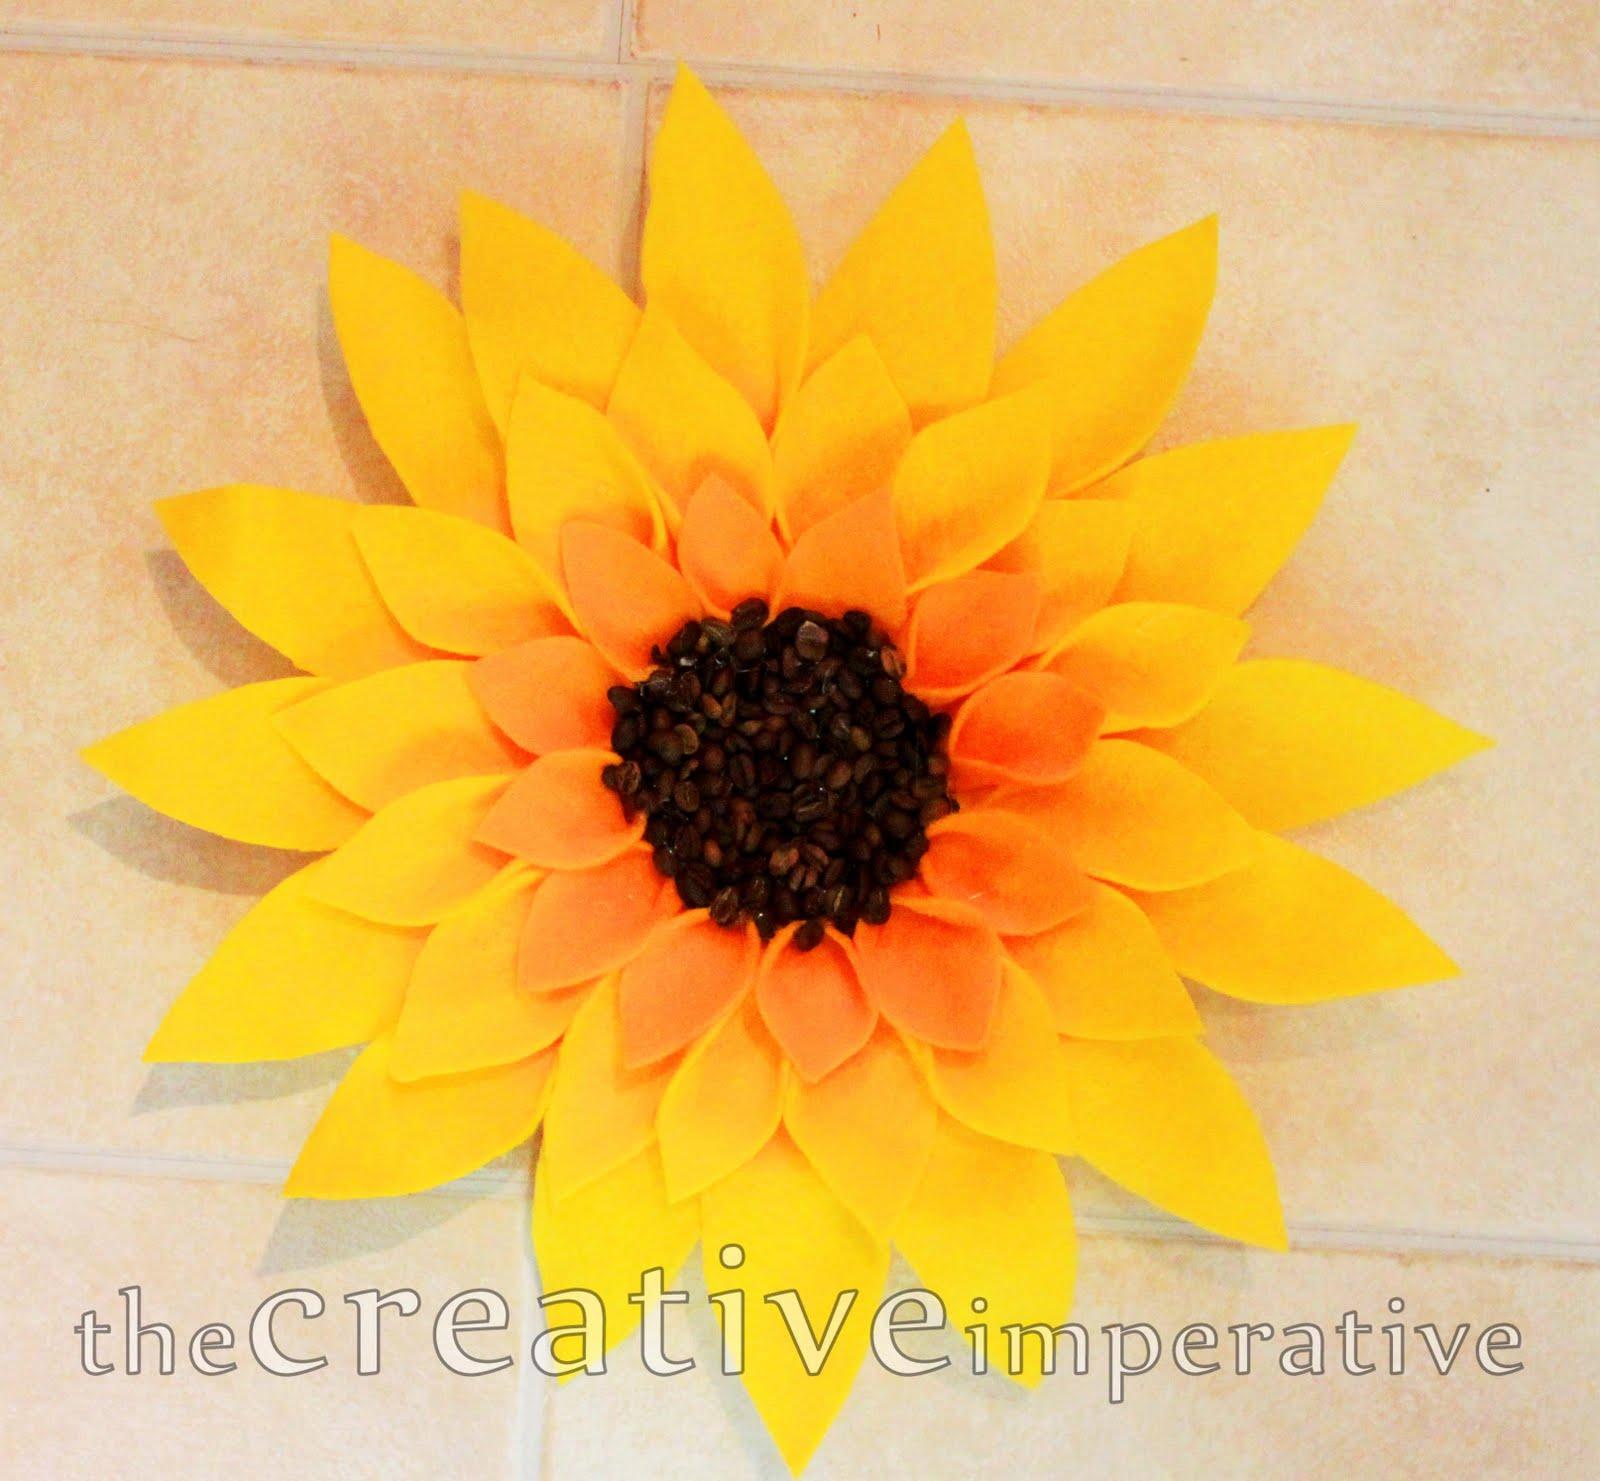 Цветы сделанные своими руками подсолнухи